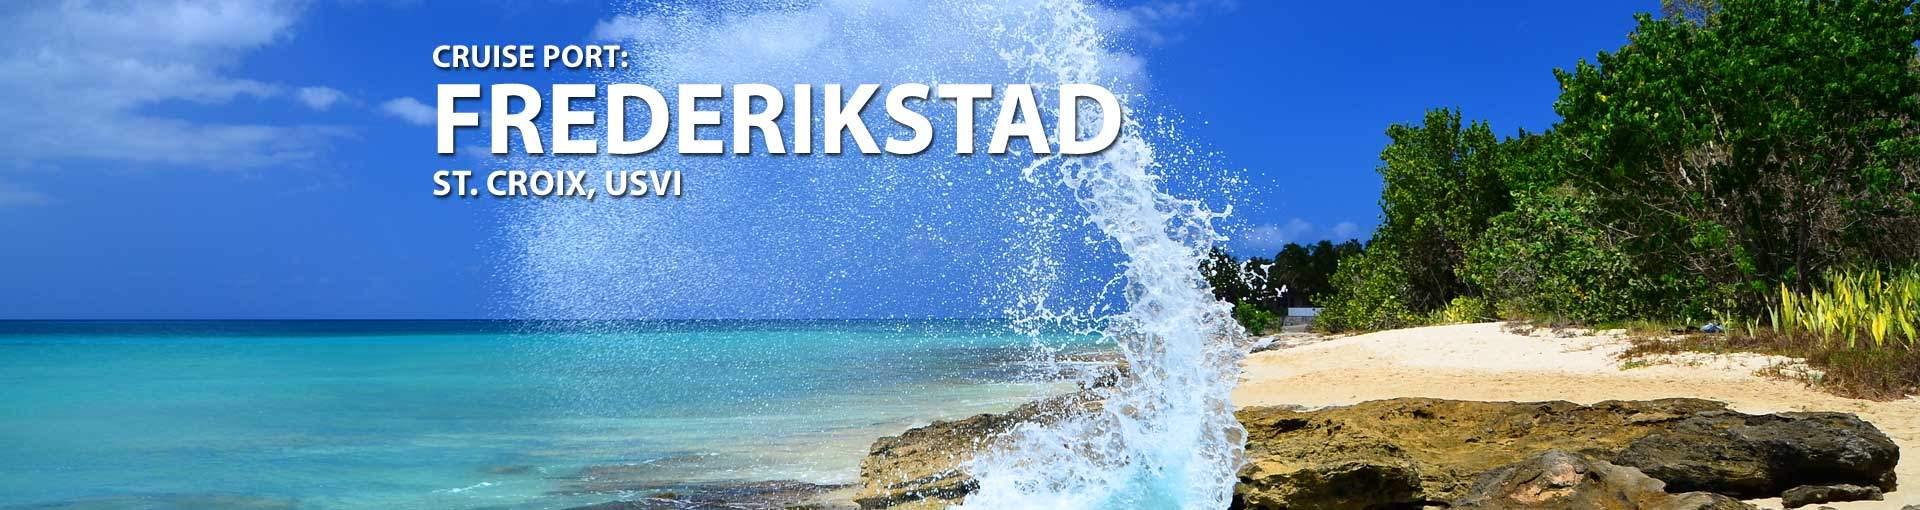 Cruises to Frederikstad, St. Croix